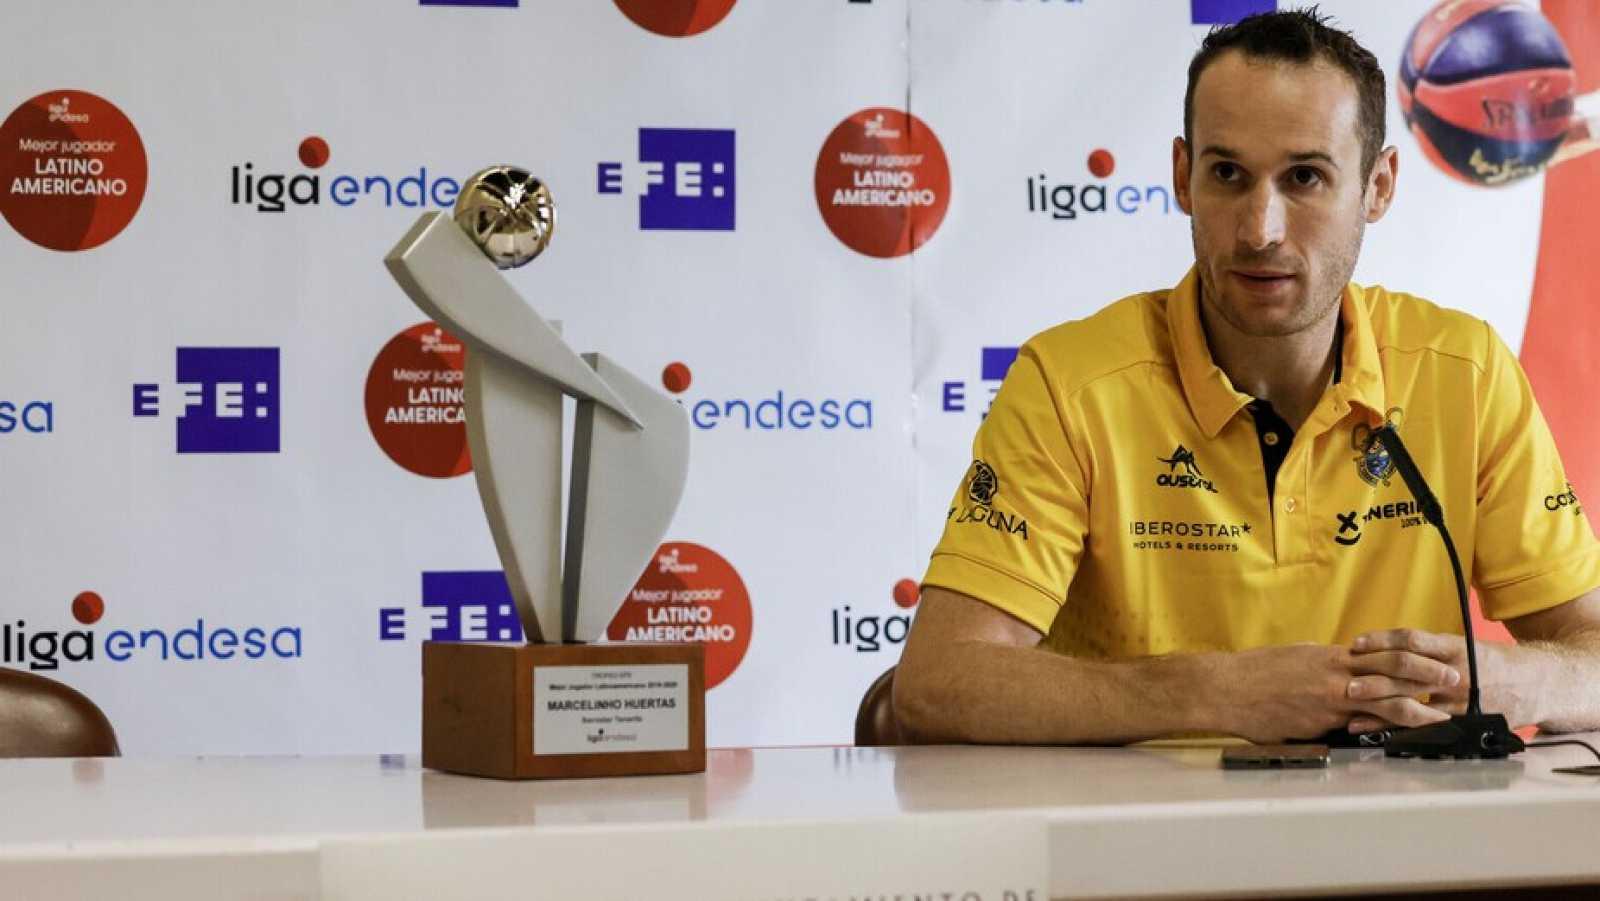 Huertas recibe satisfecho el premio al mejor latinoamericano de la Liga Endesa